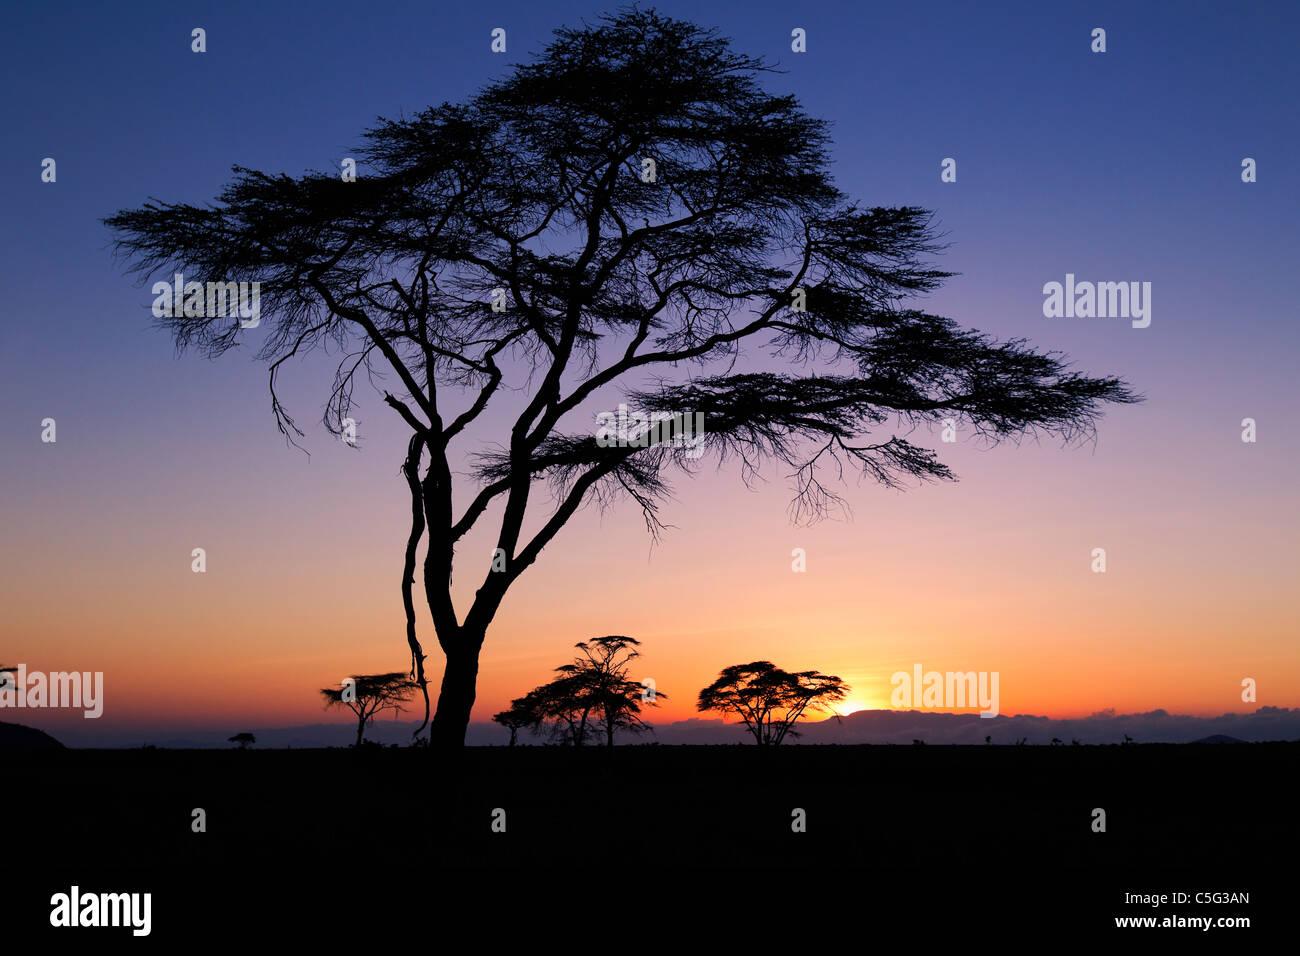 Acacia tree Northern Kenya, Kenya - Stock Image